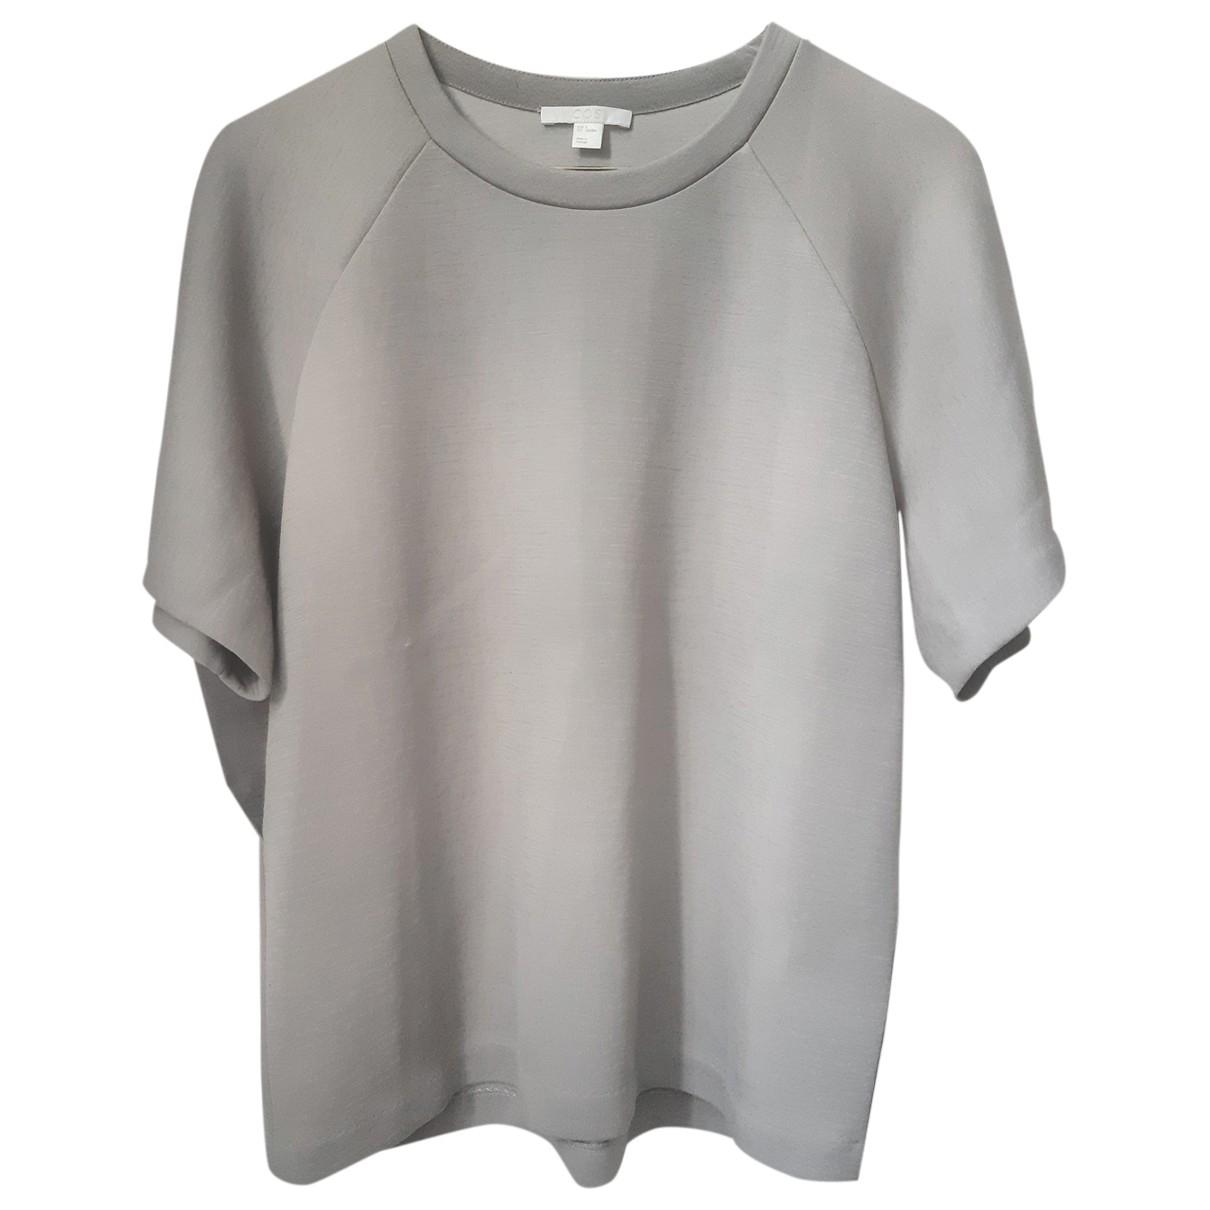 Cos - Top   pour femme en laine - gris